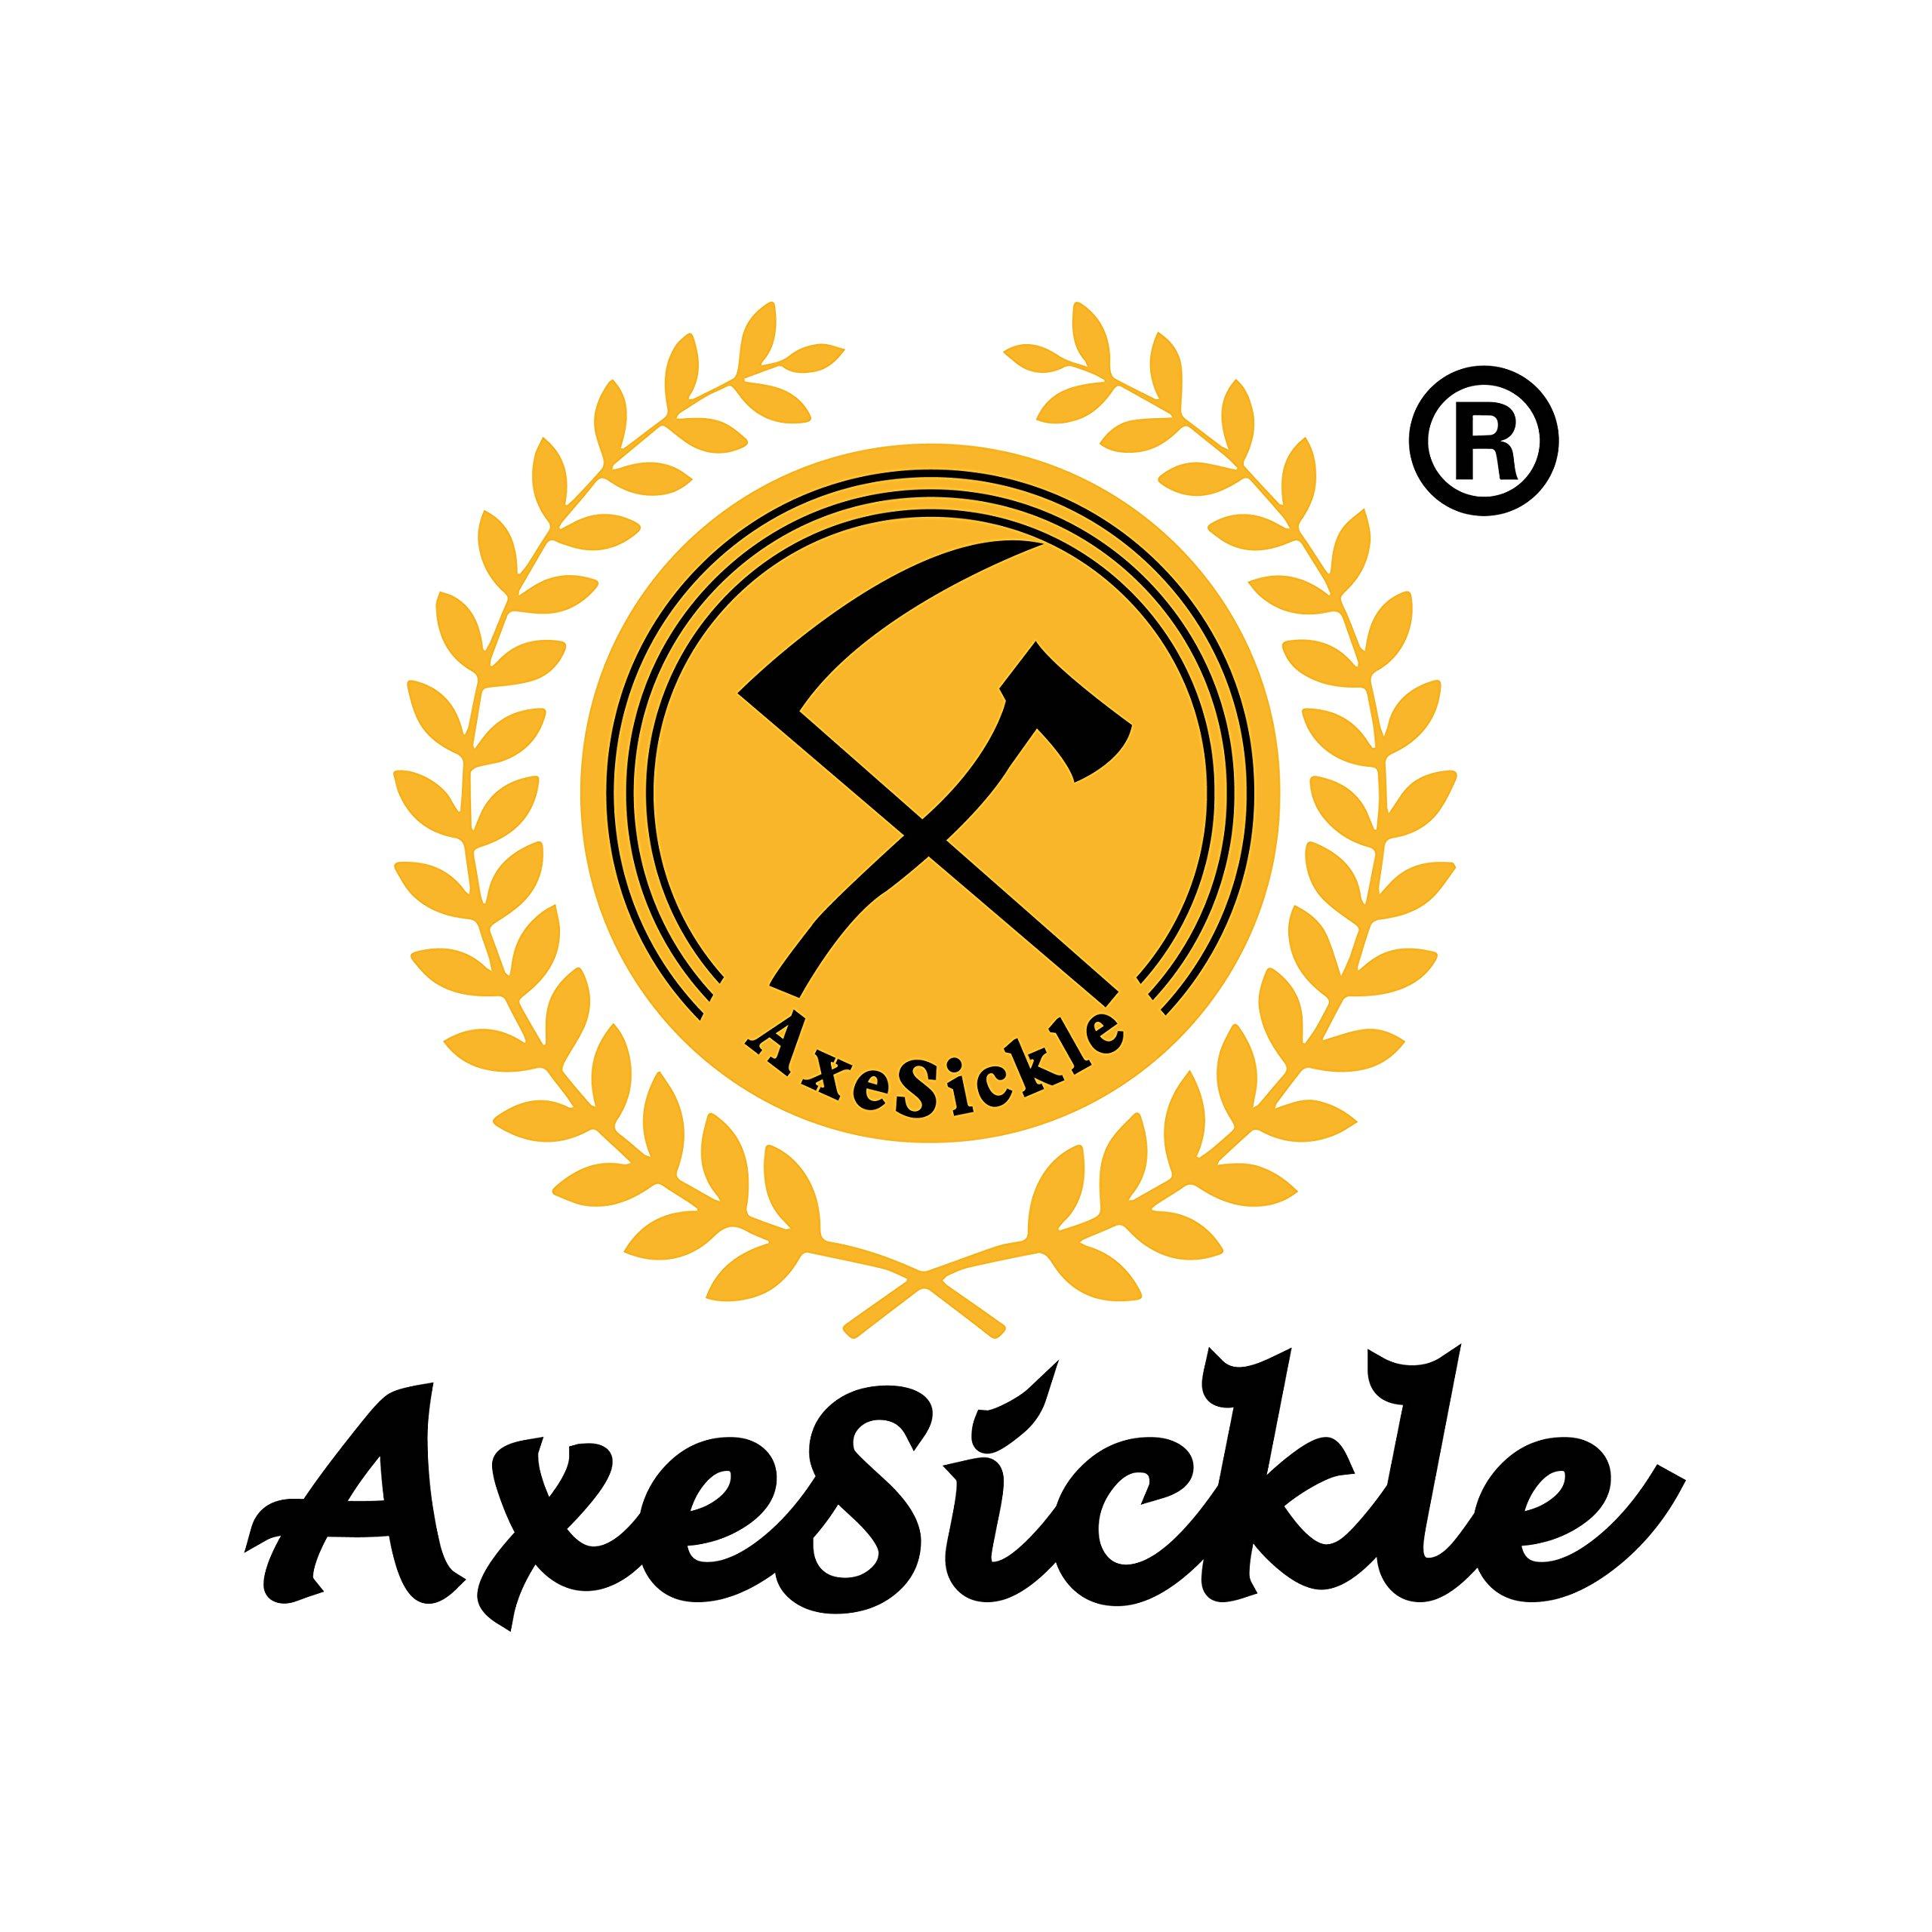 AxeSickle 2pcs Oil Dispenser Stopper Pour Spout, Speed Pourer, Wine Bottle Stoppers, Liquor Pour Spout, Vinegar spouts,Olive Oil Bottle Tapered Spout for Oil, wine,vinegar and liquid. (Flip Top) by Axe Sickle (Image #7)